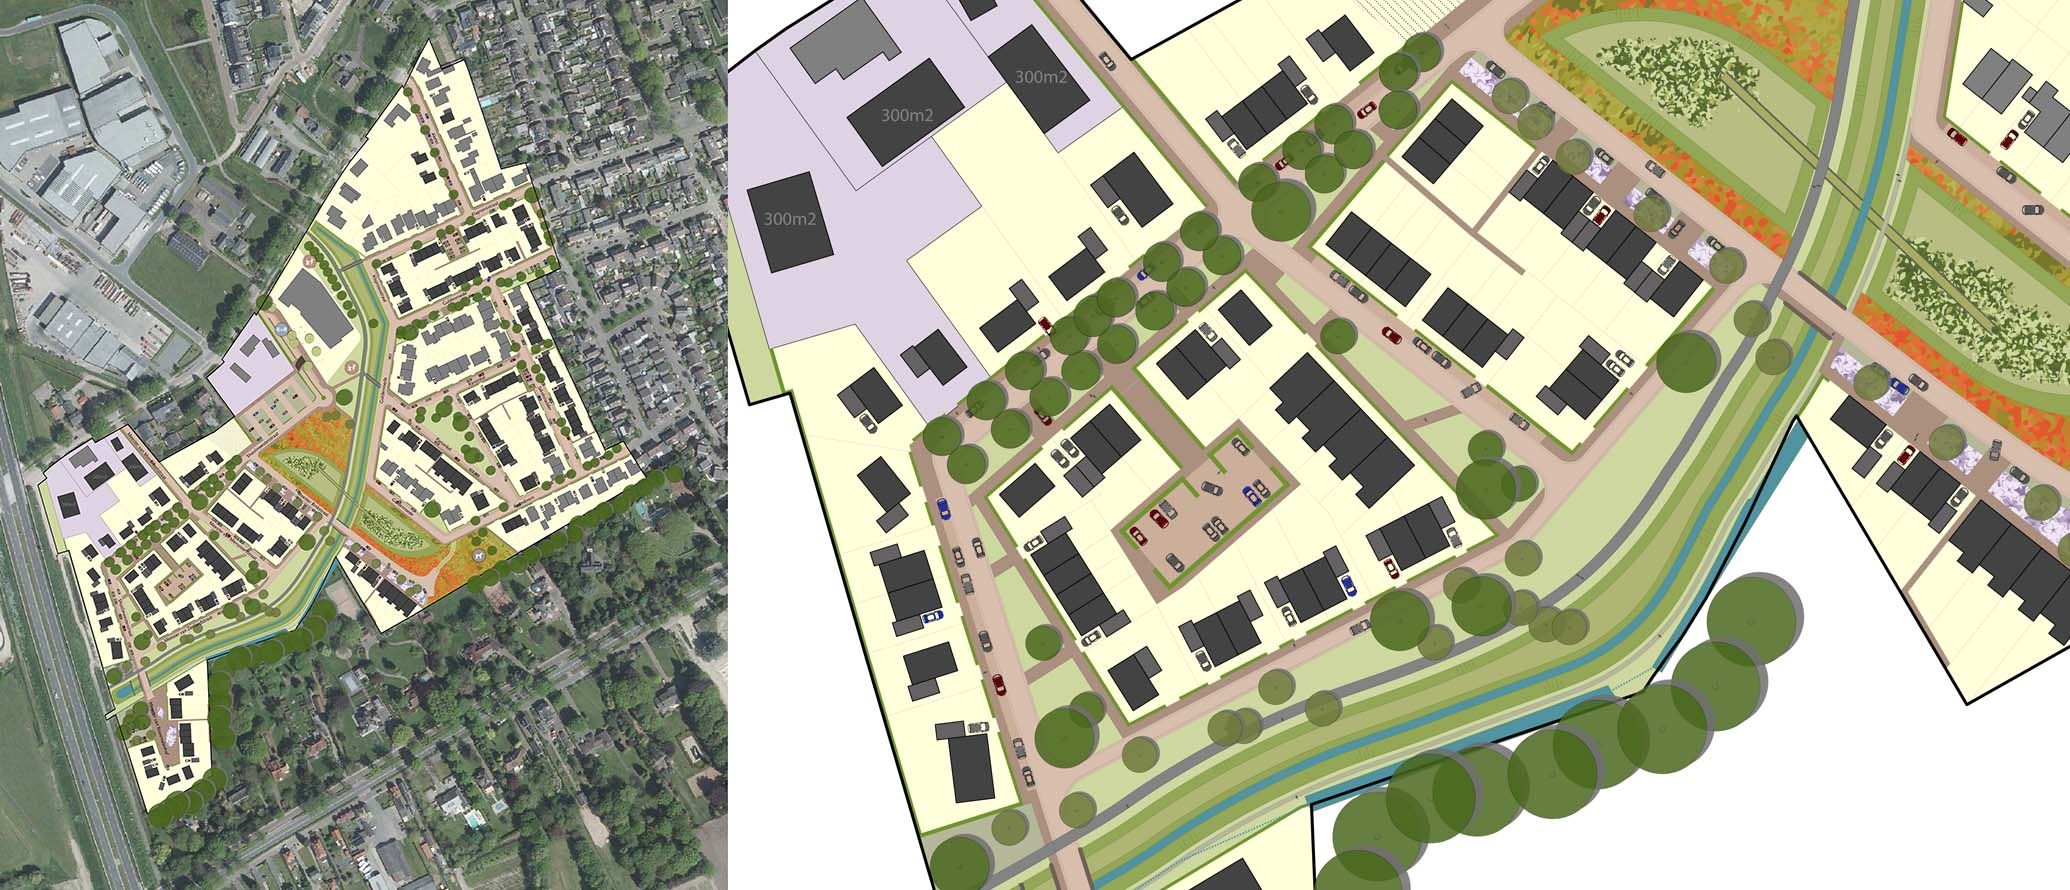 Stedenbouwkundigplan Enschotsebaan